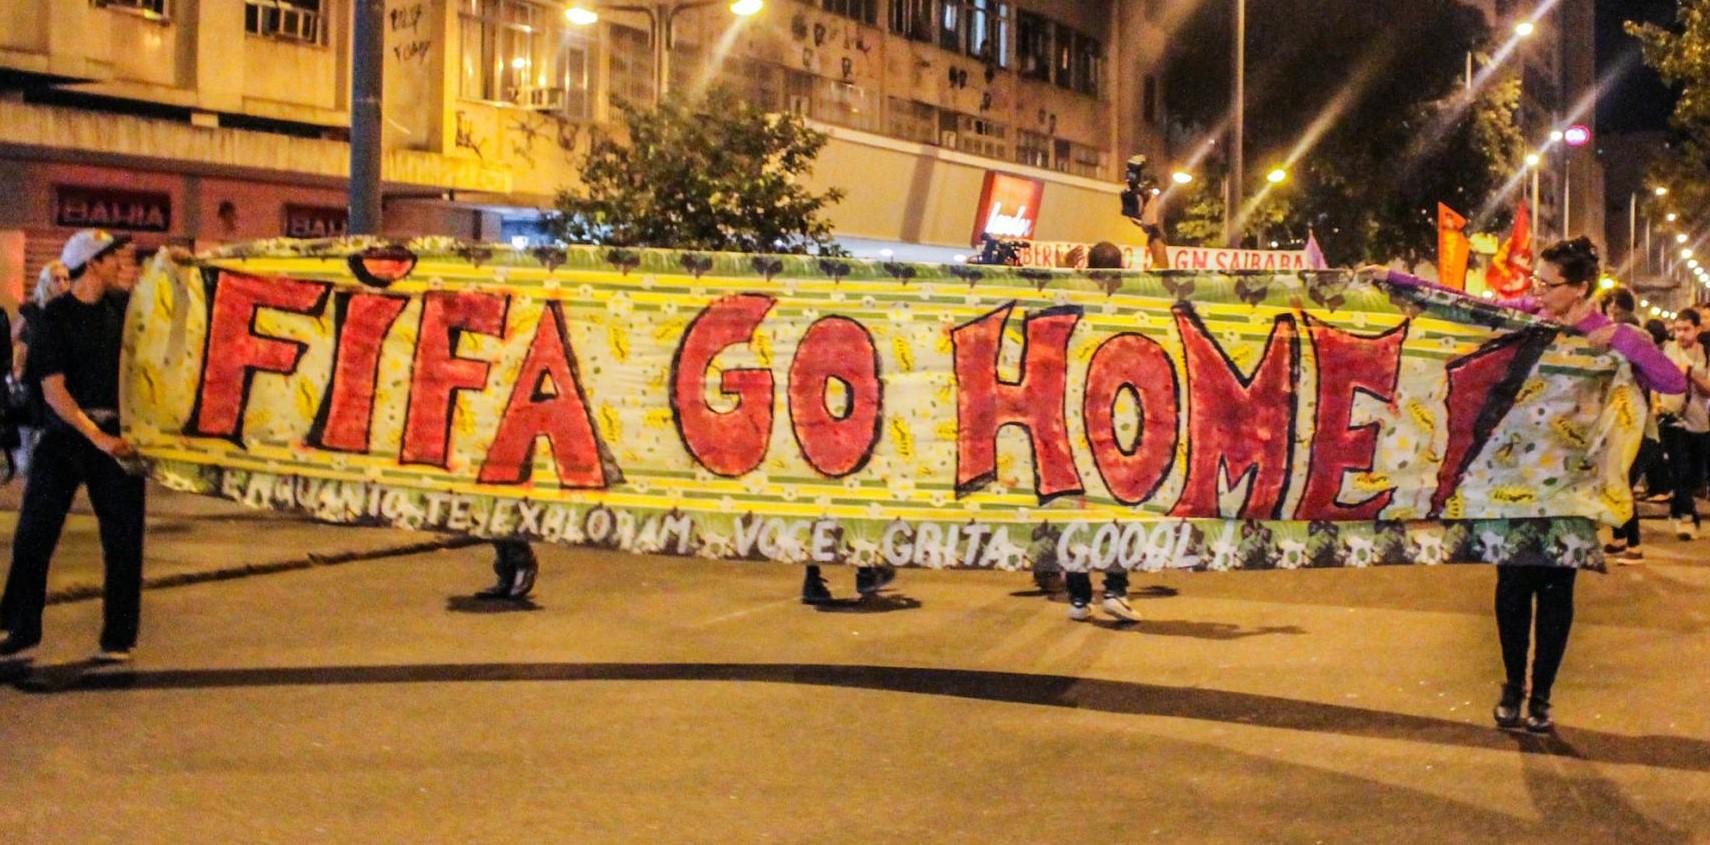 Jovens, futebol e manifestações no Rio de Janeiro em 2013 e 2014